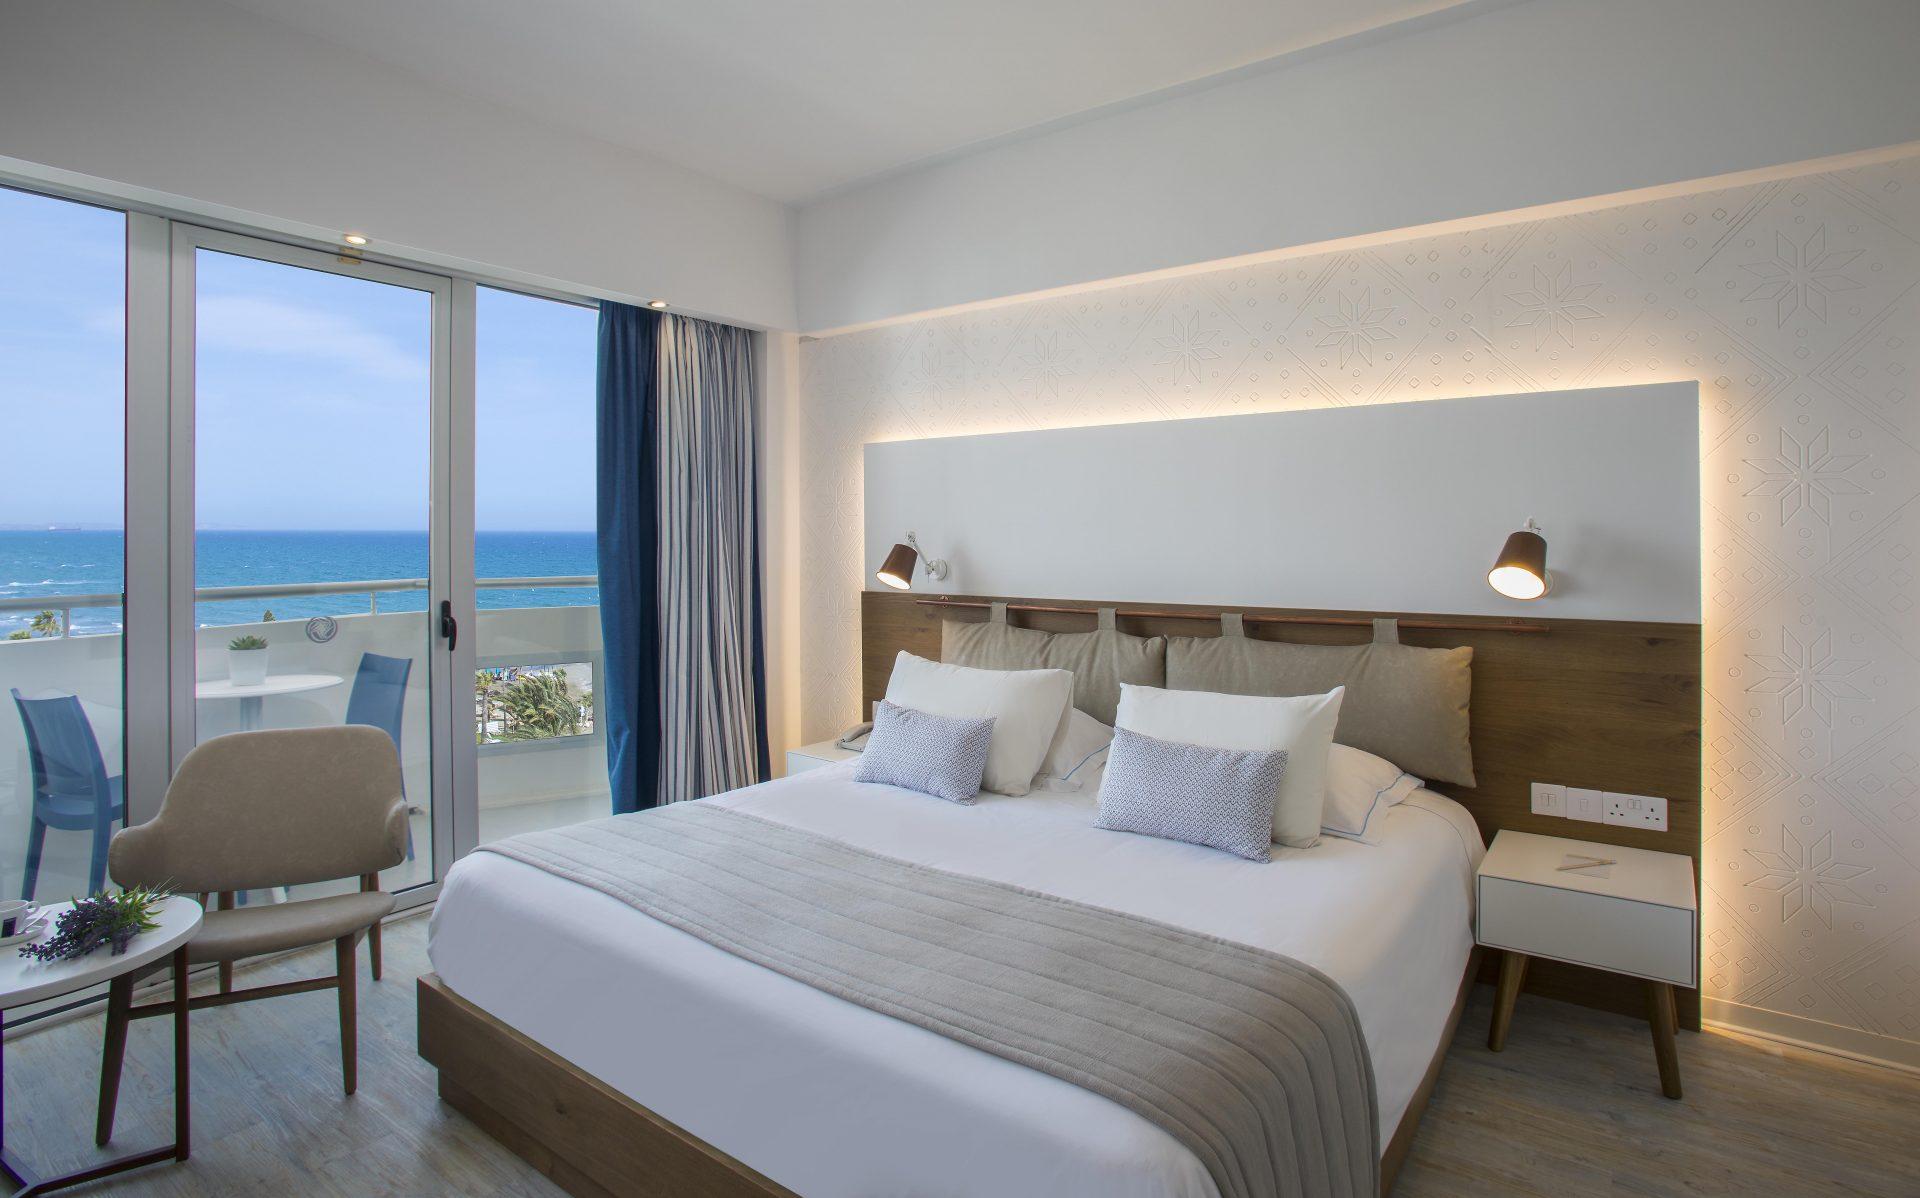 Premium Superior Side Sea View Room